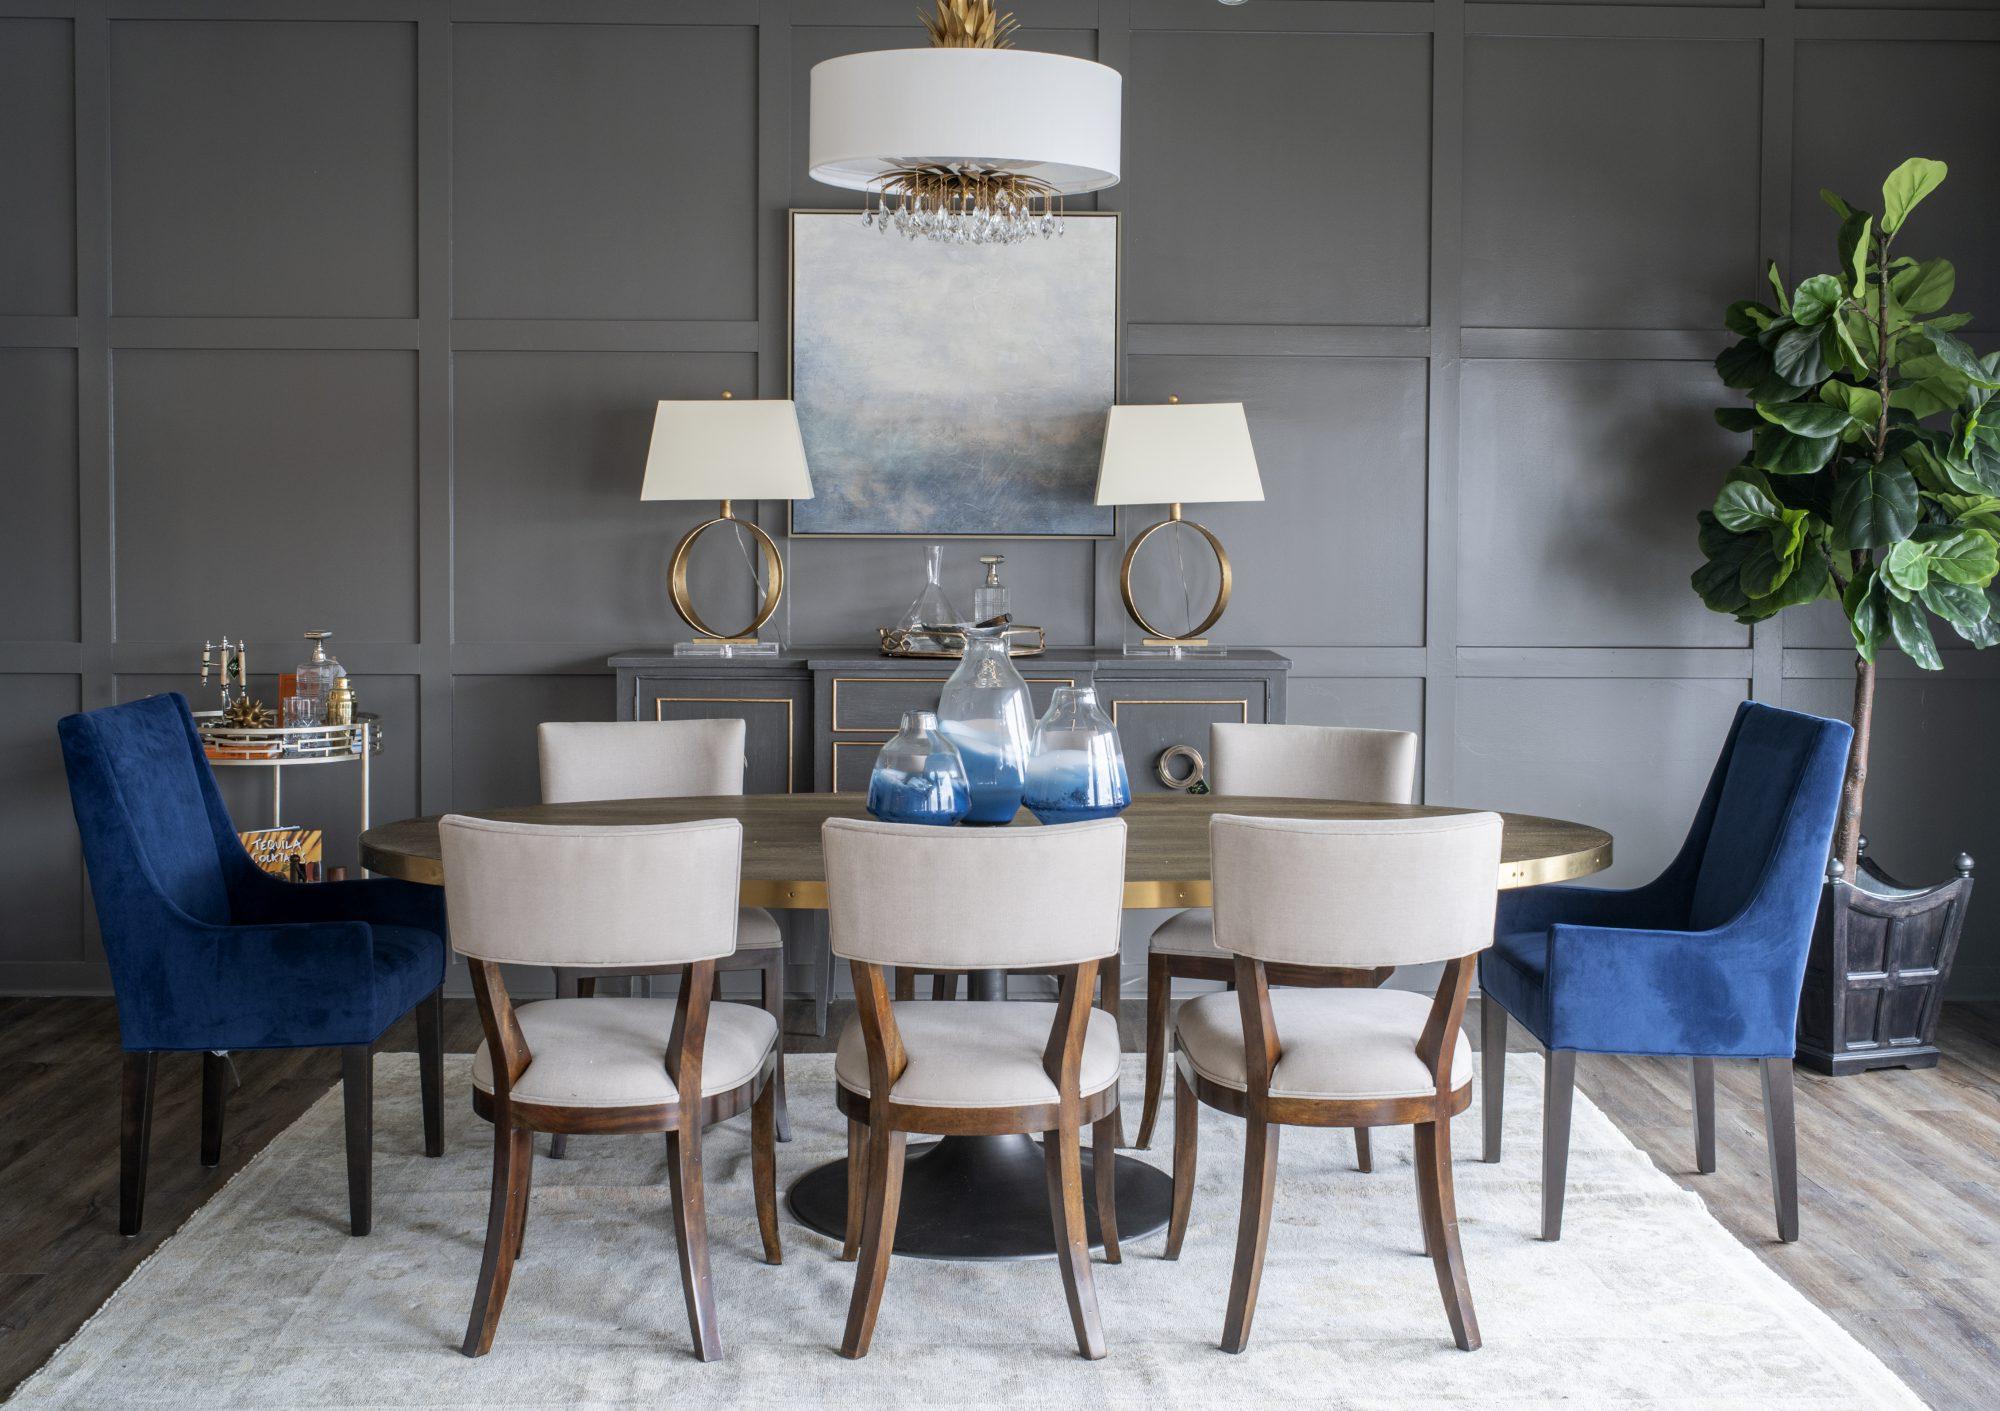 Atlanta Interior Designers | Nandina Home & Design